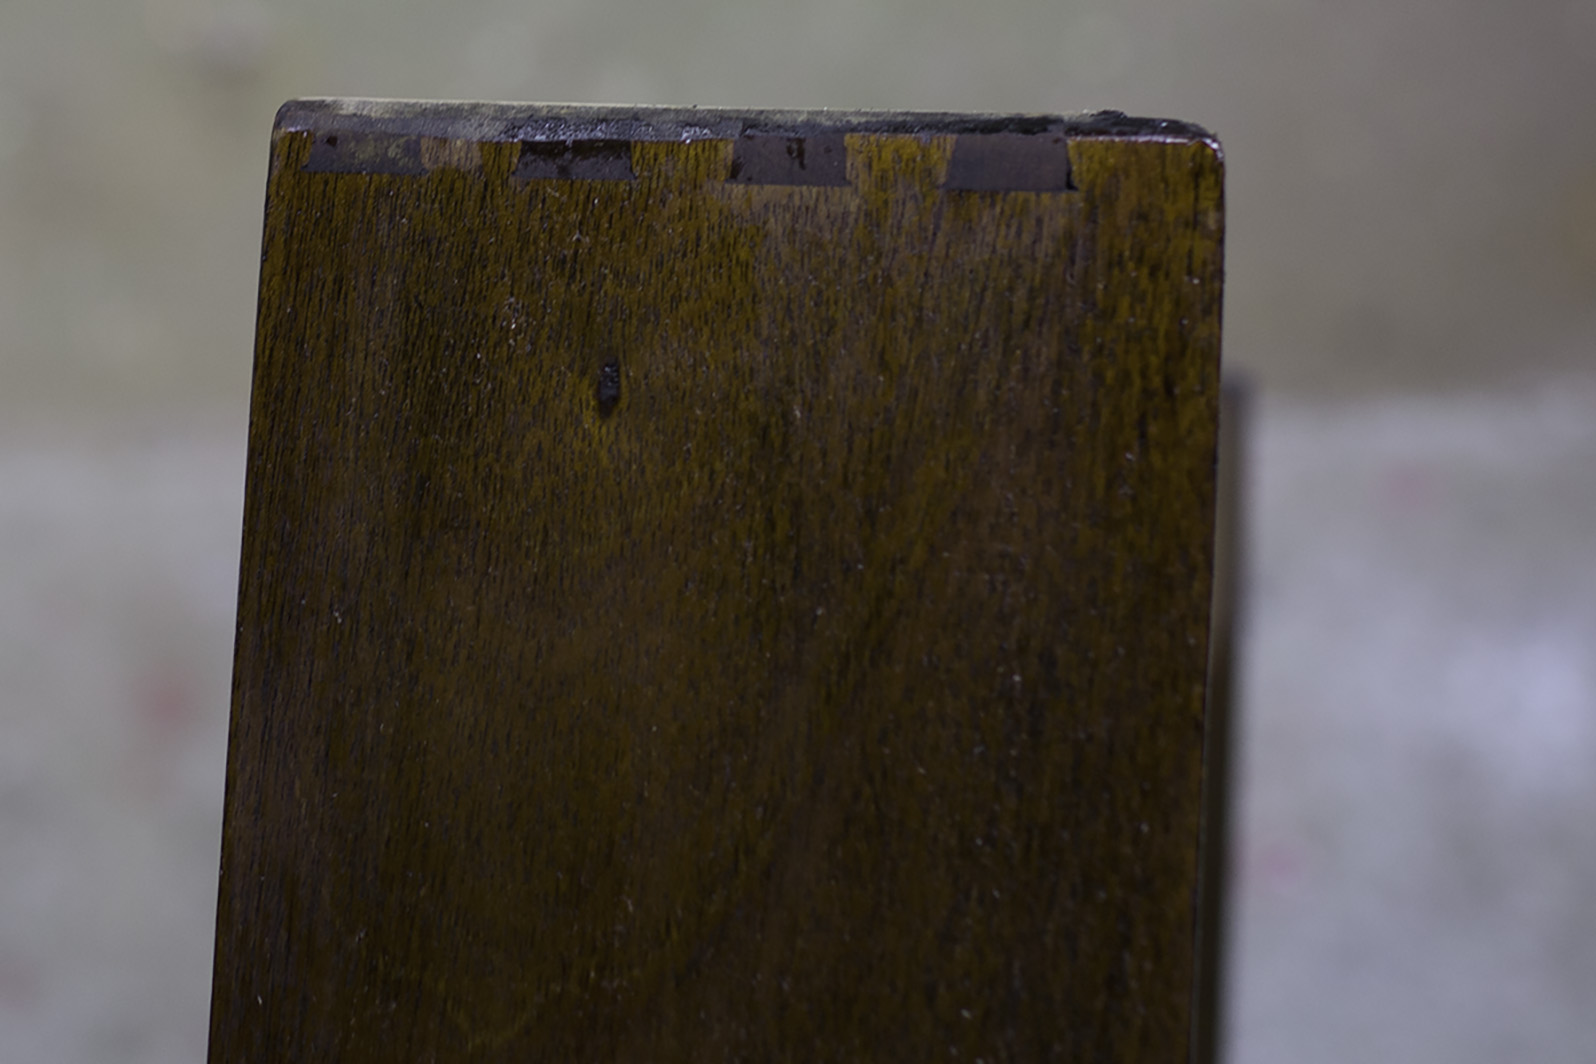 Desk_NameOnDrawer.jpg